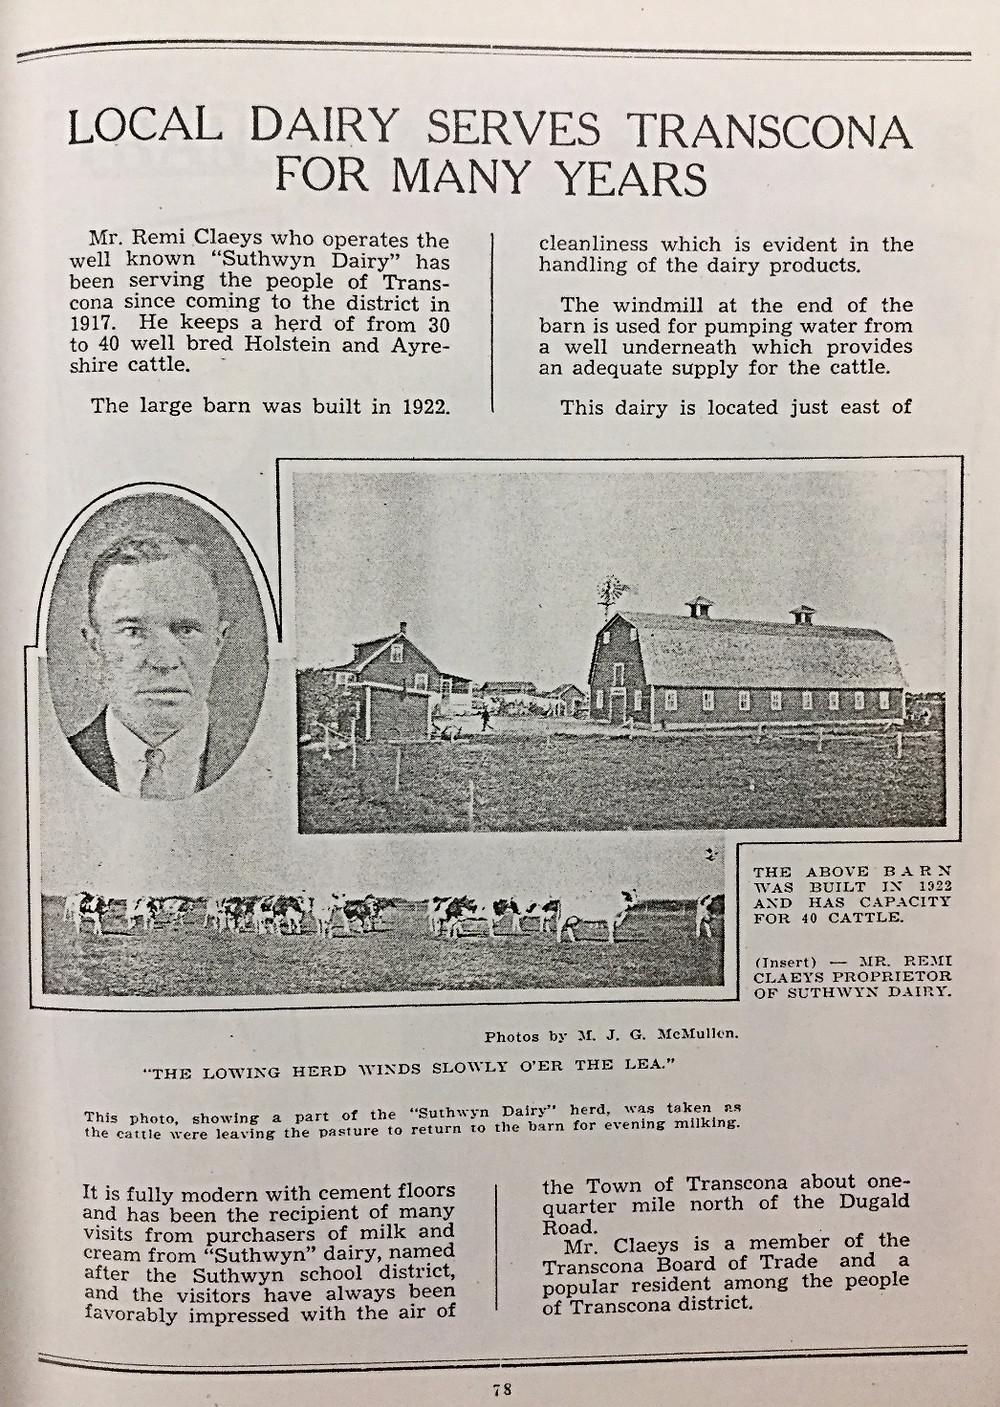 Transcona Silver Jubilee 1936, pg. 78.